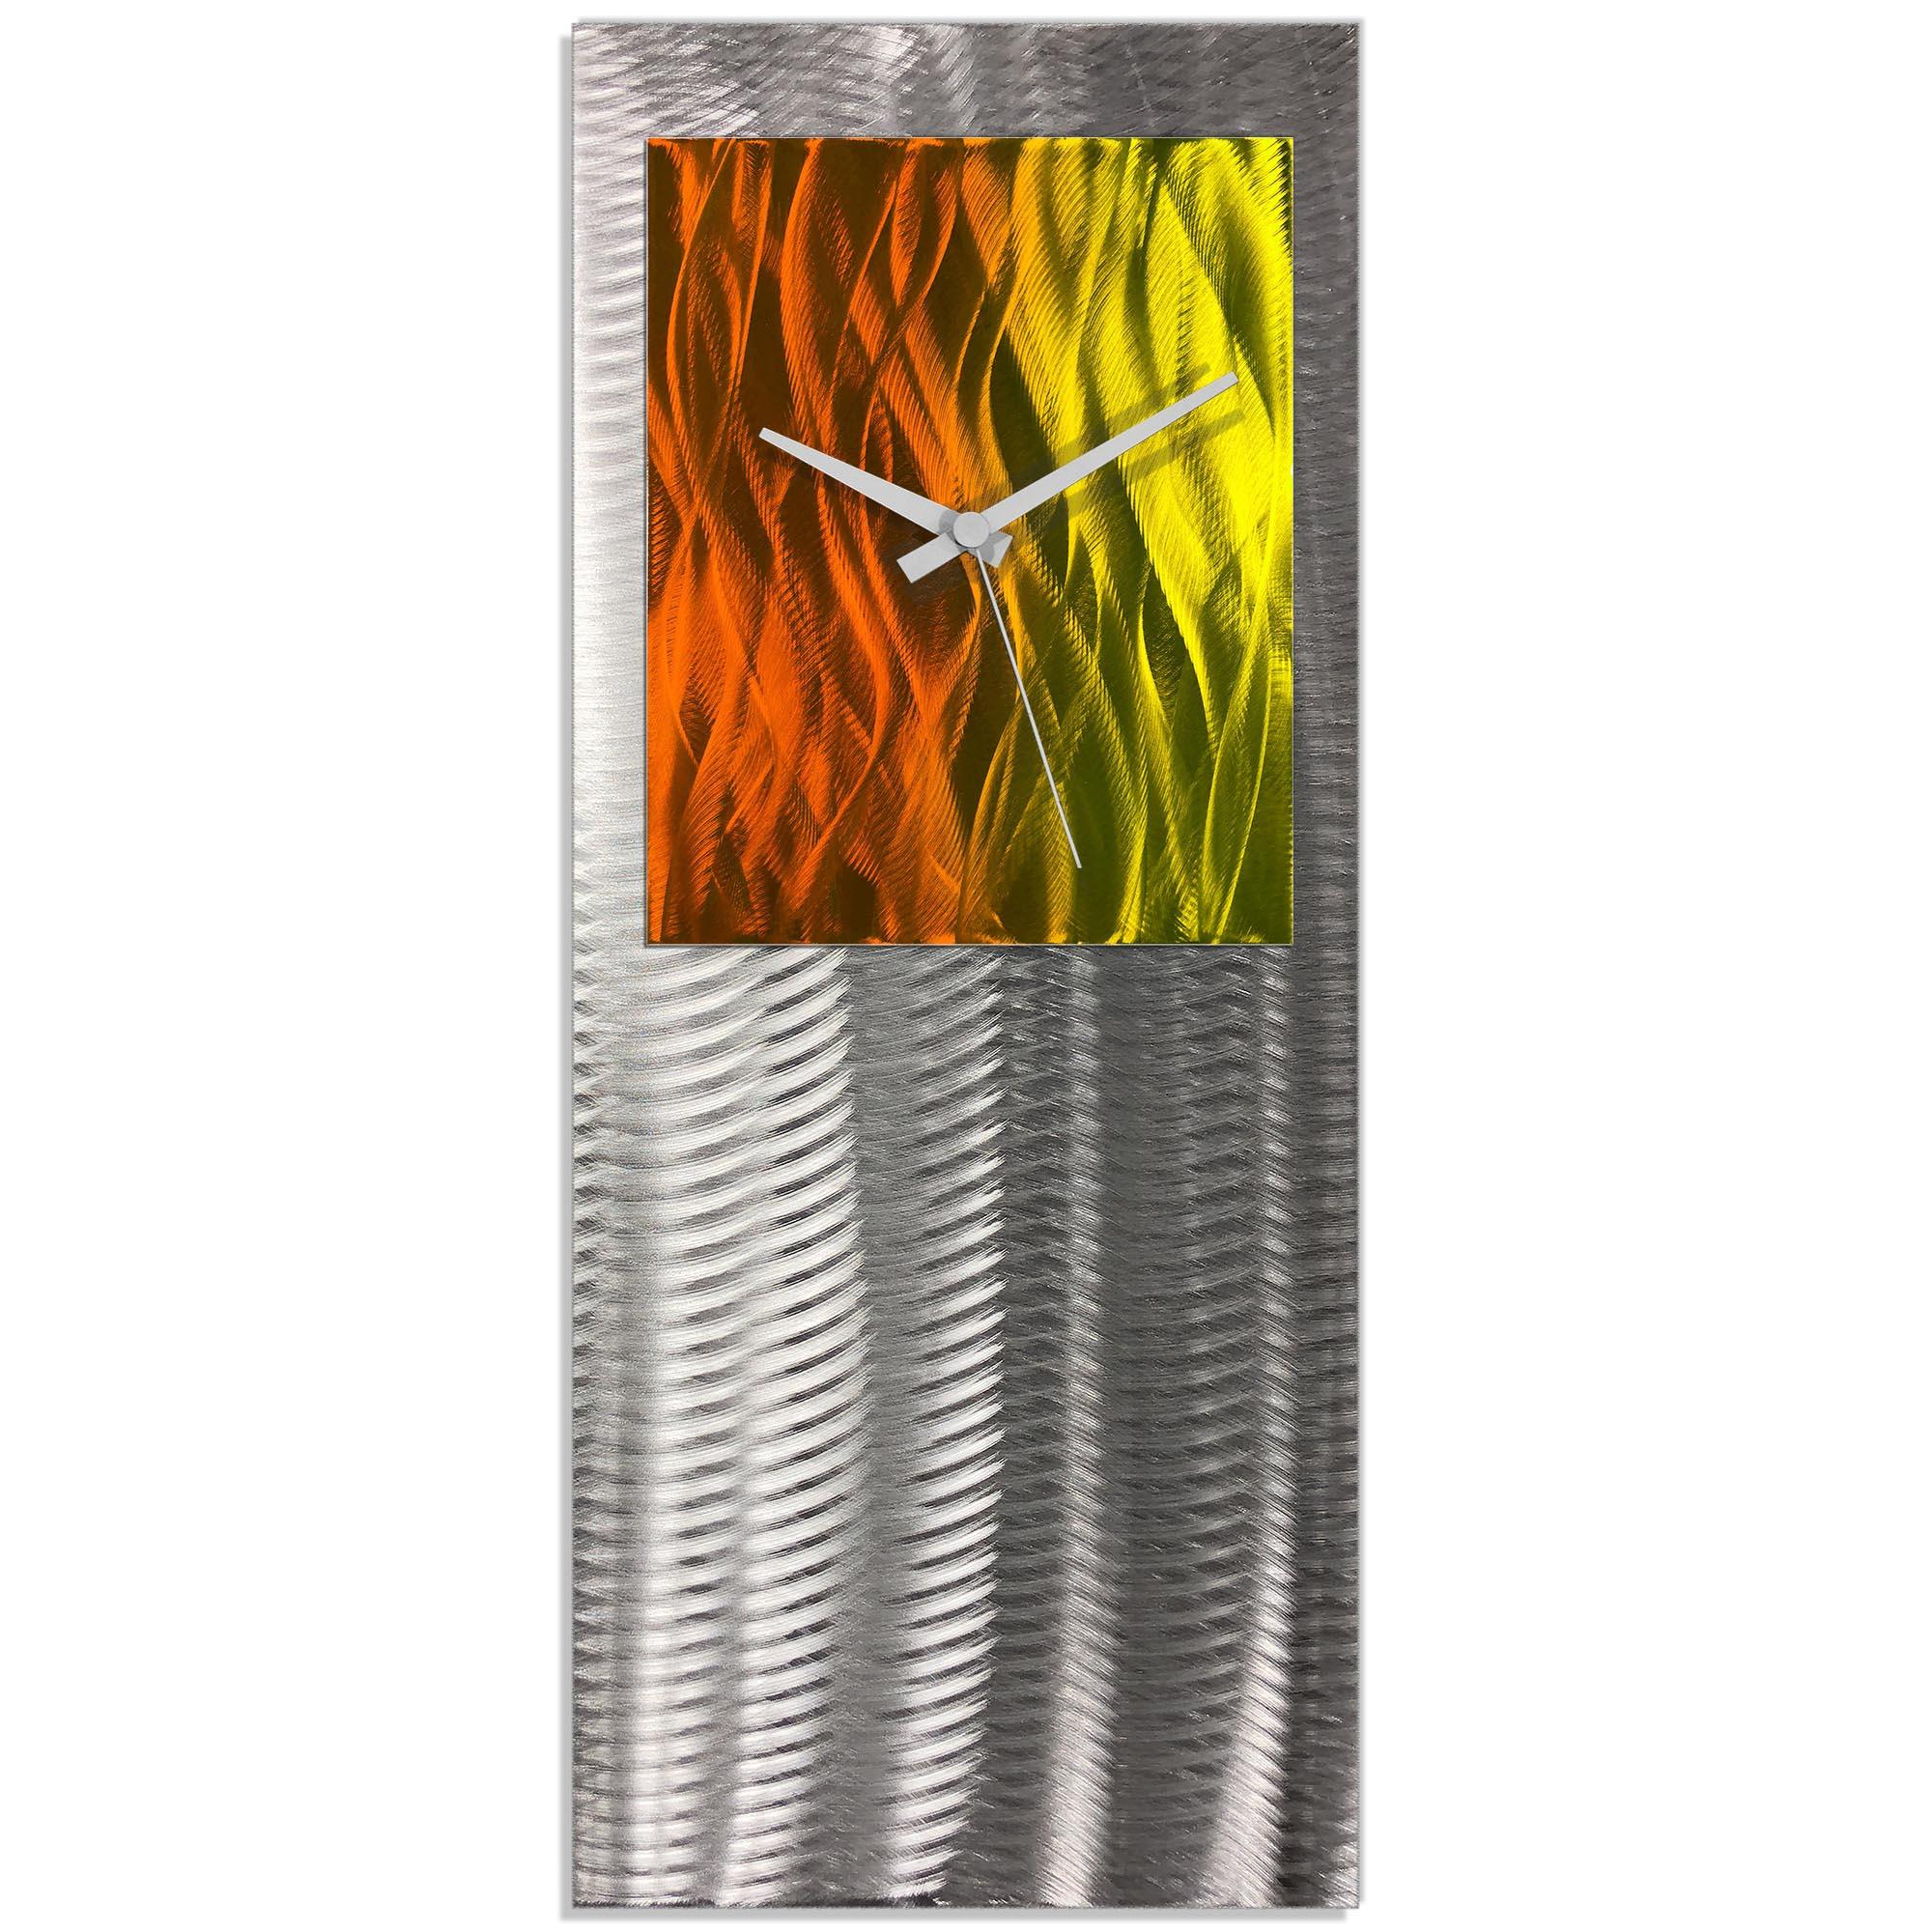 Metal Art Studio Abstract Decor Warm Studio Clock 10in x 24in